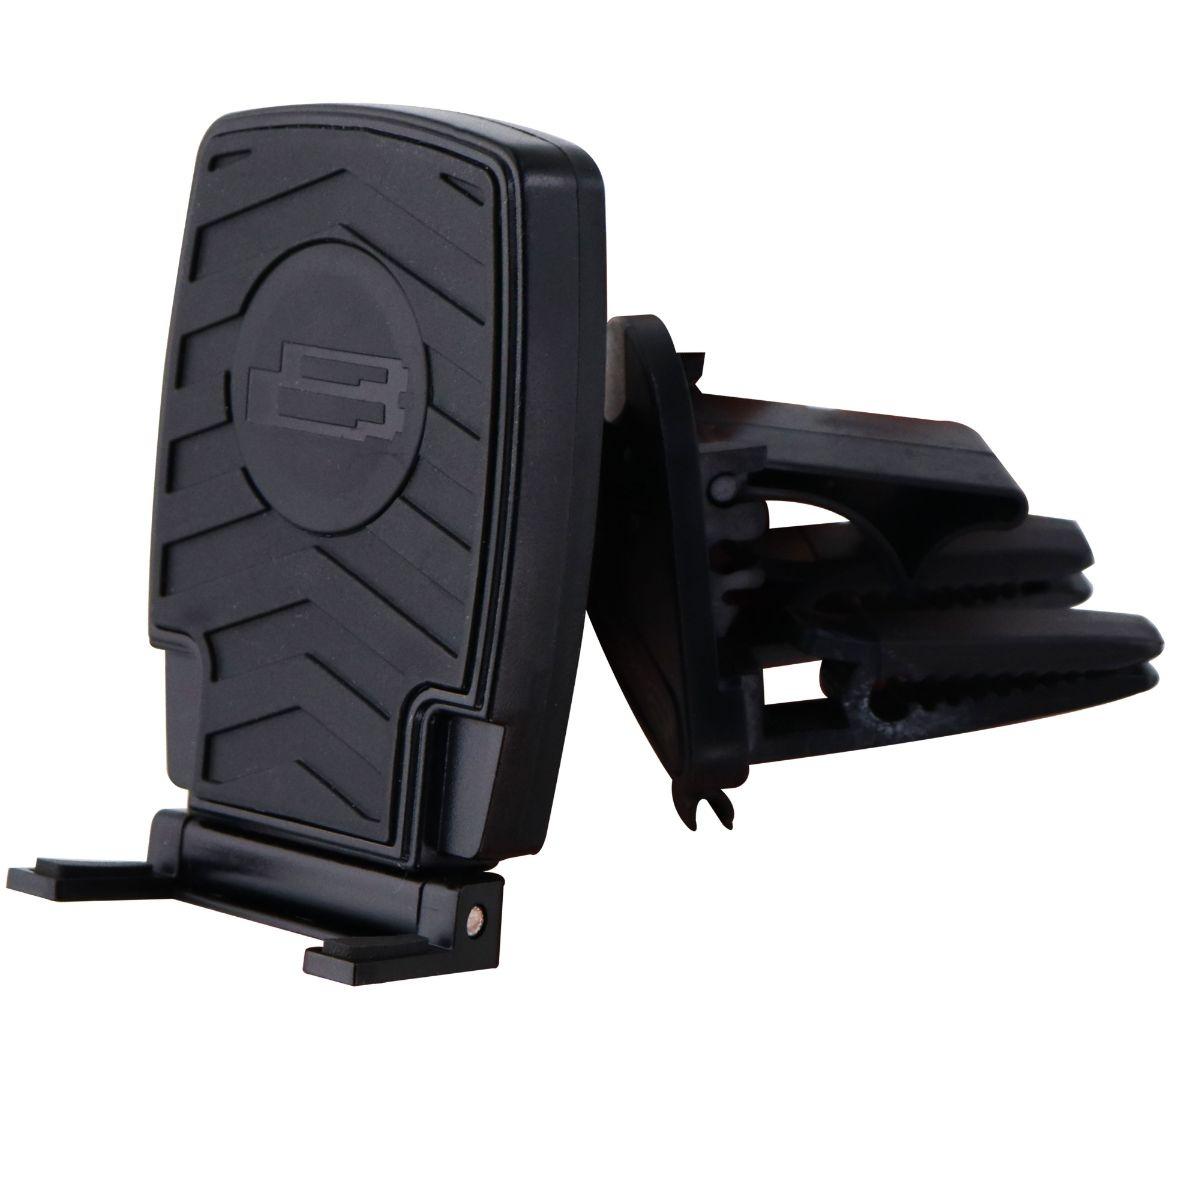 Bracketron MagnetXT Vent Mount for Smartphones - Black - BT1-925-2